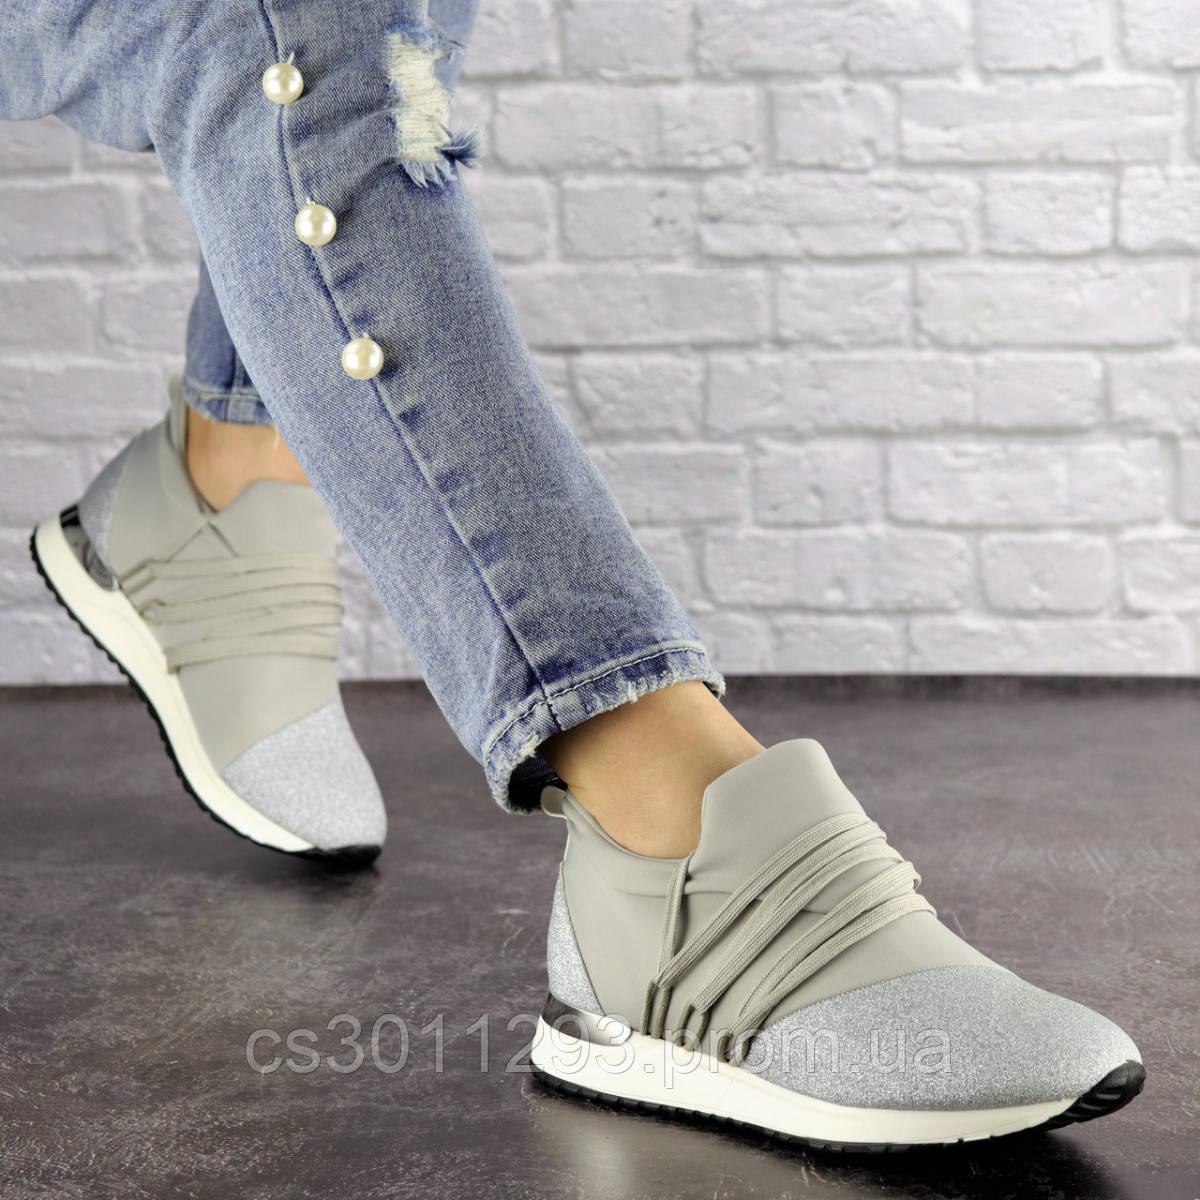 Женские стильные кроссовки Fashion Ringer 1036 36 размер 22,5 см Серебристый